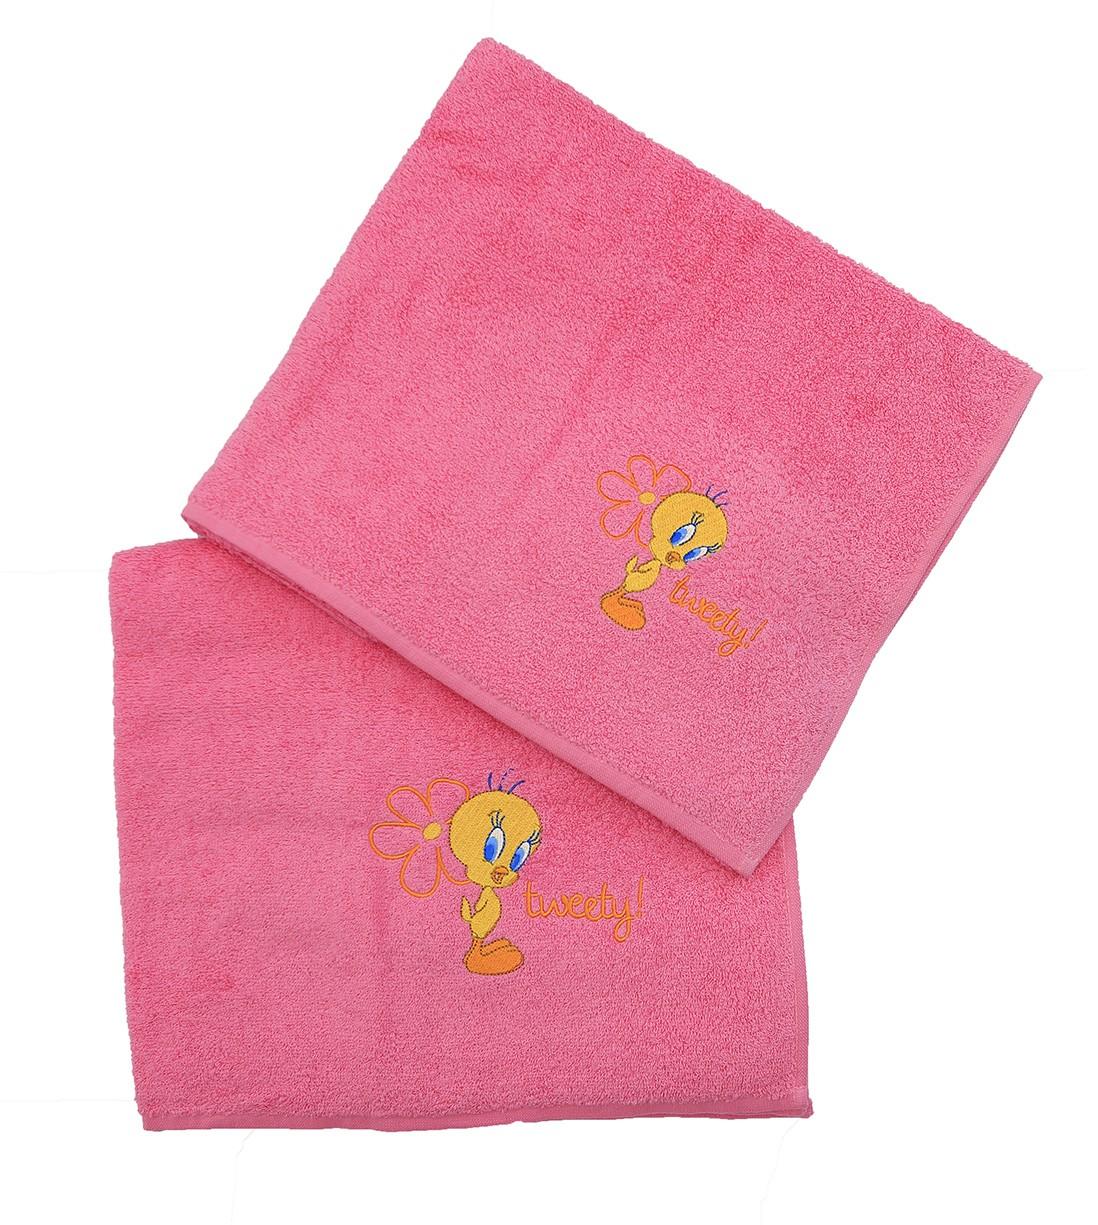 Παιδικές Πετσέτες (Σετ) Viopros PR. Tweety Collection